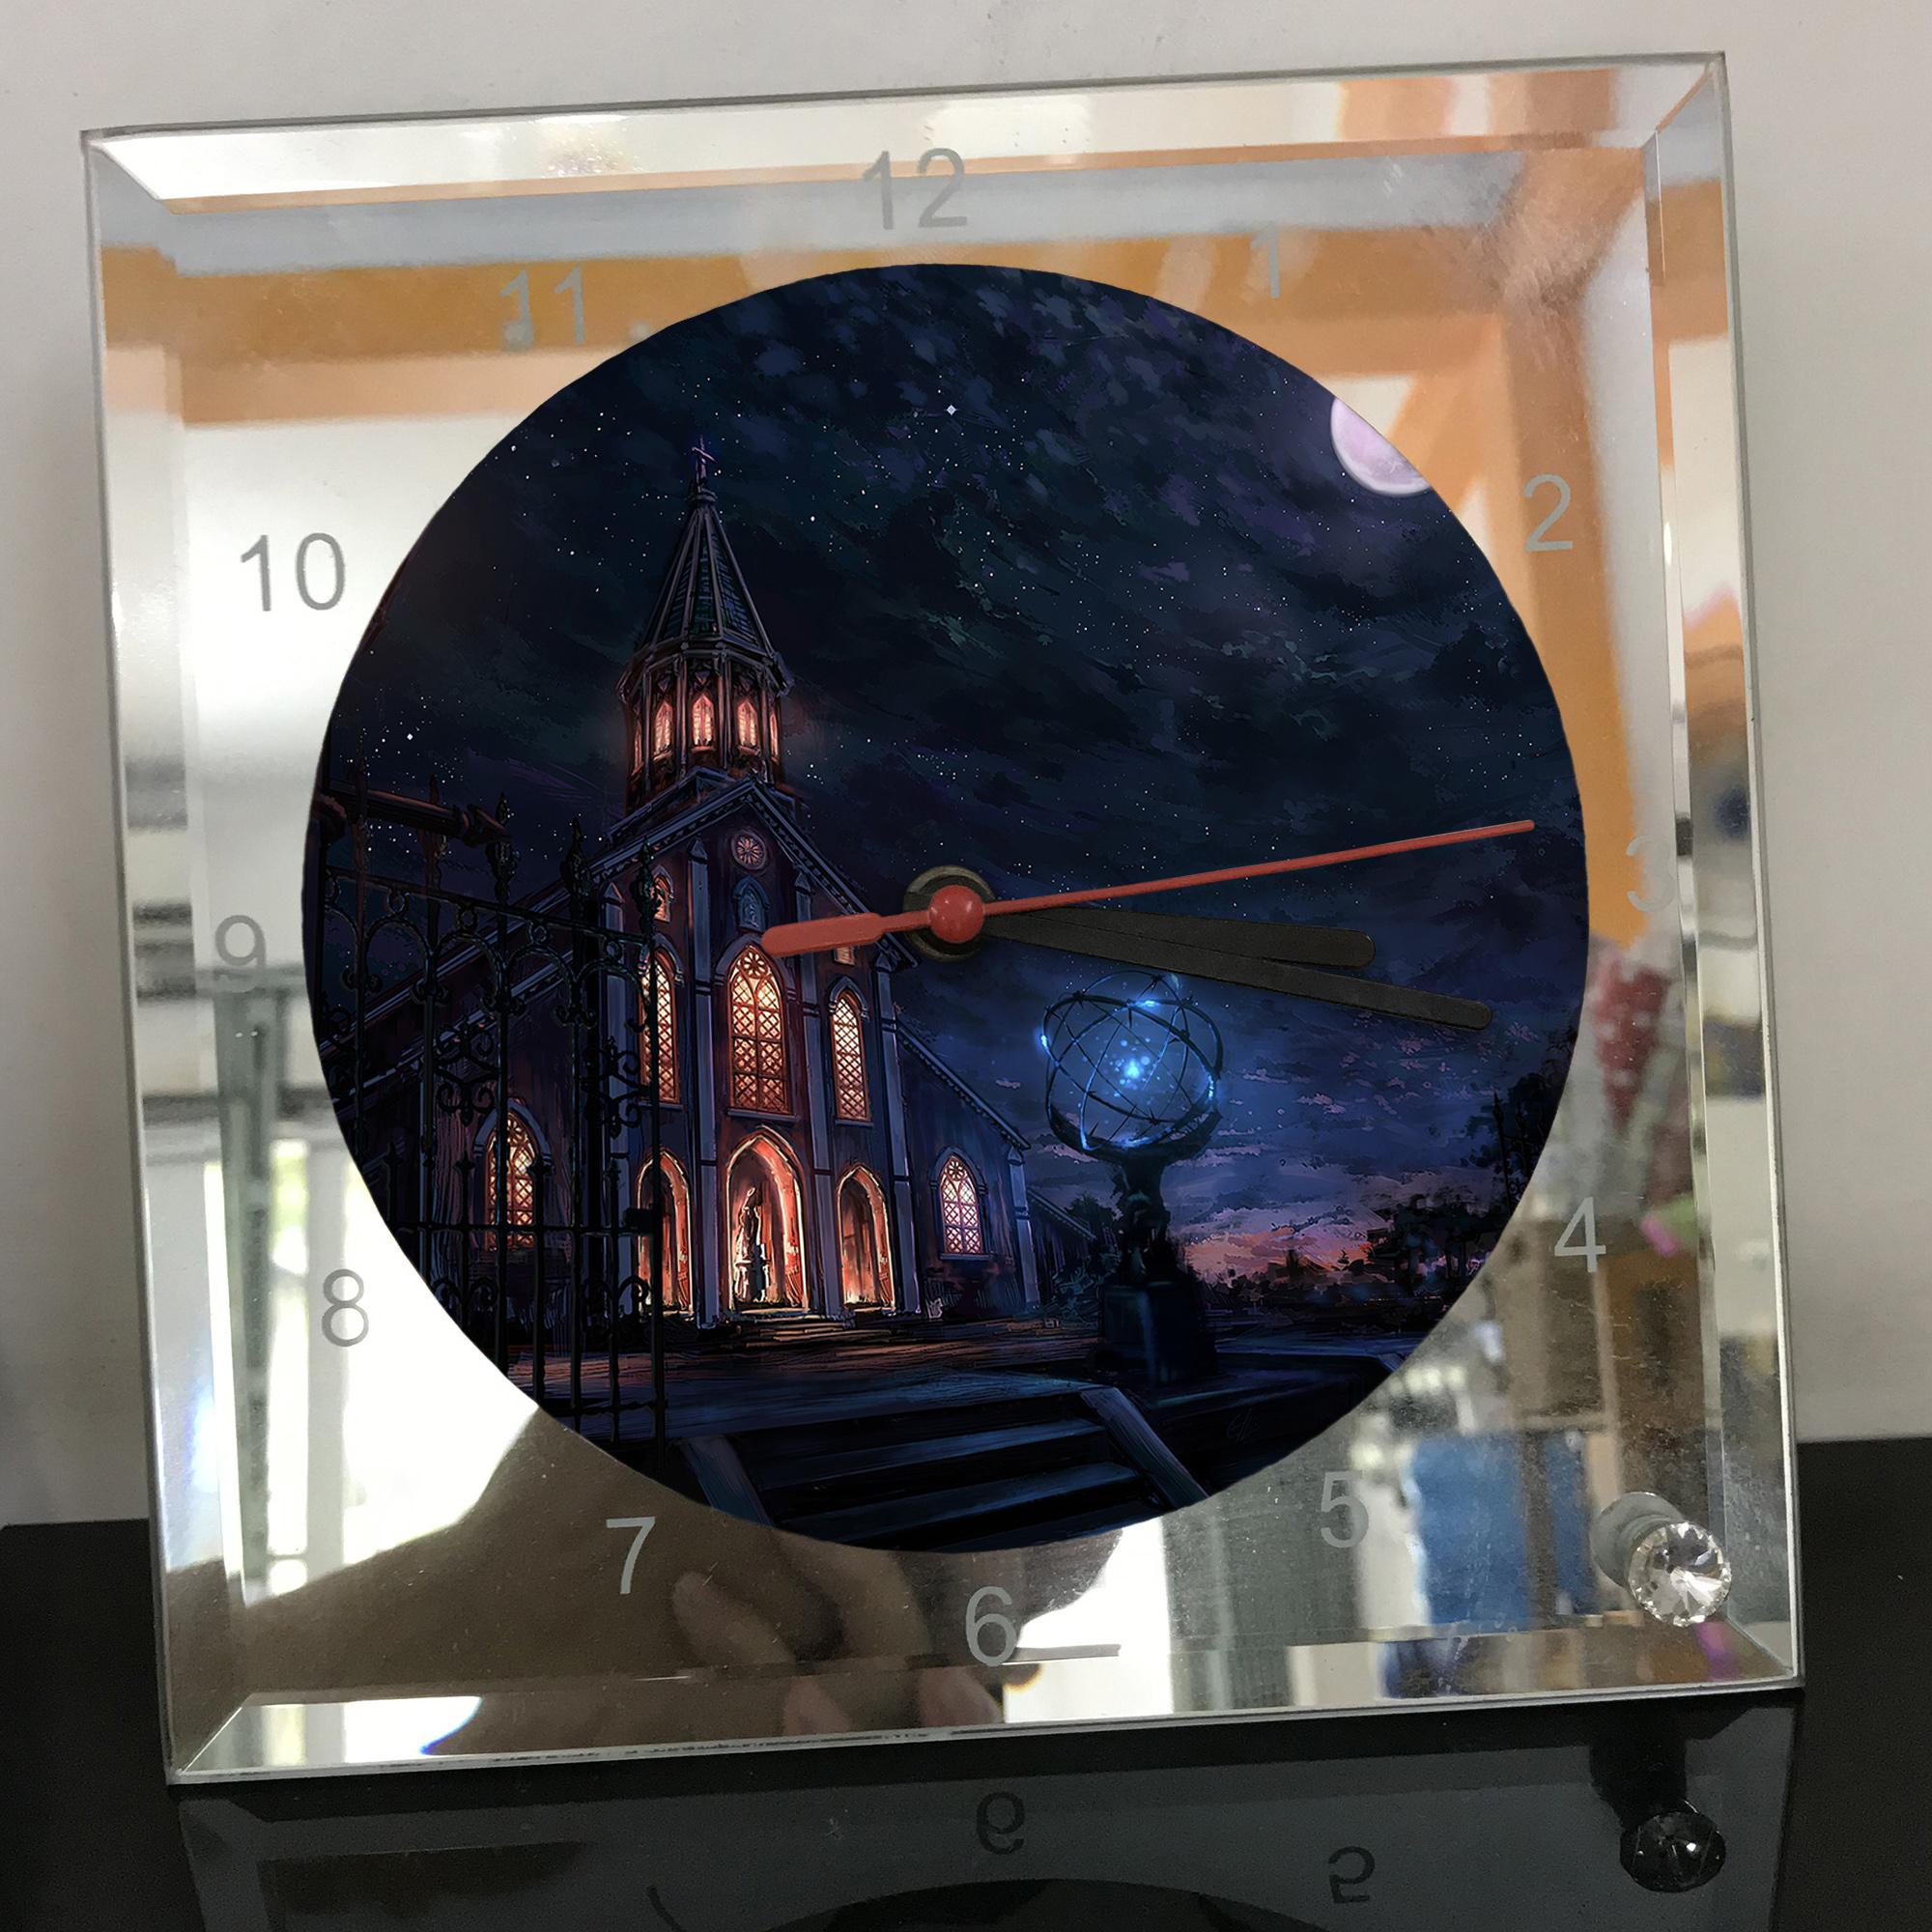 Đồng hồ thủy tinh vuông 20x20 in hình Church - nhà thờ (250) . Đồng hồ thủy tinh để bàn trang trí đẹp chủ đề tôn giáo